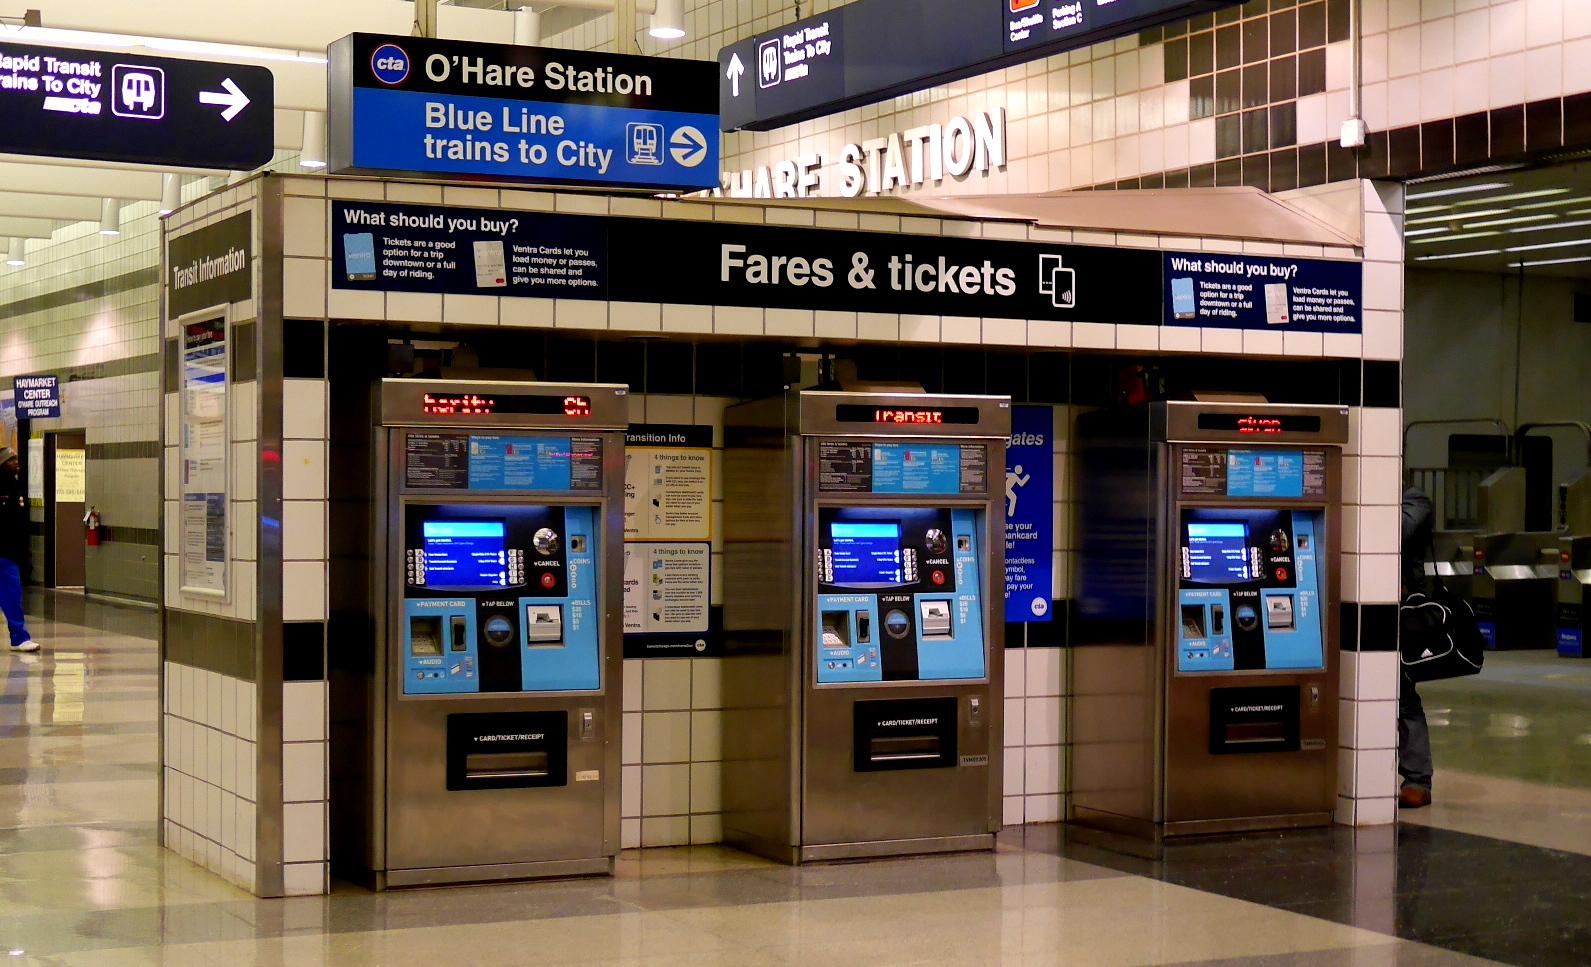 地下鉄の切符が買えない!/ シカゴとニューヨークの地下鉄券売機や自販機で困らない方法